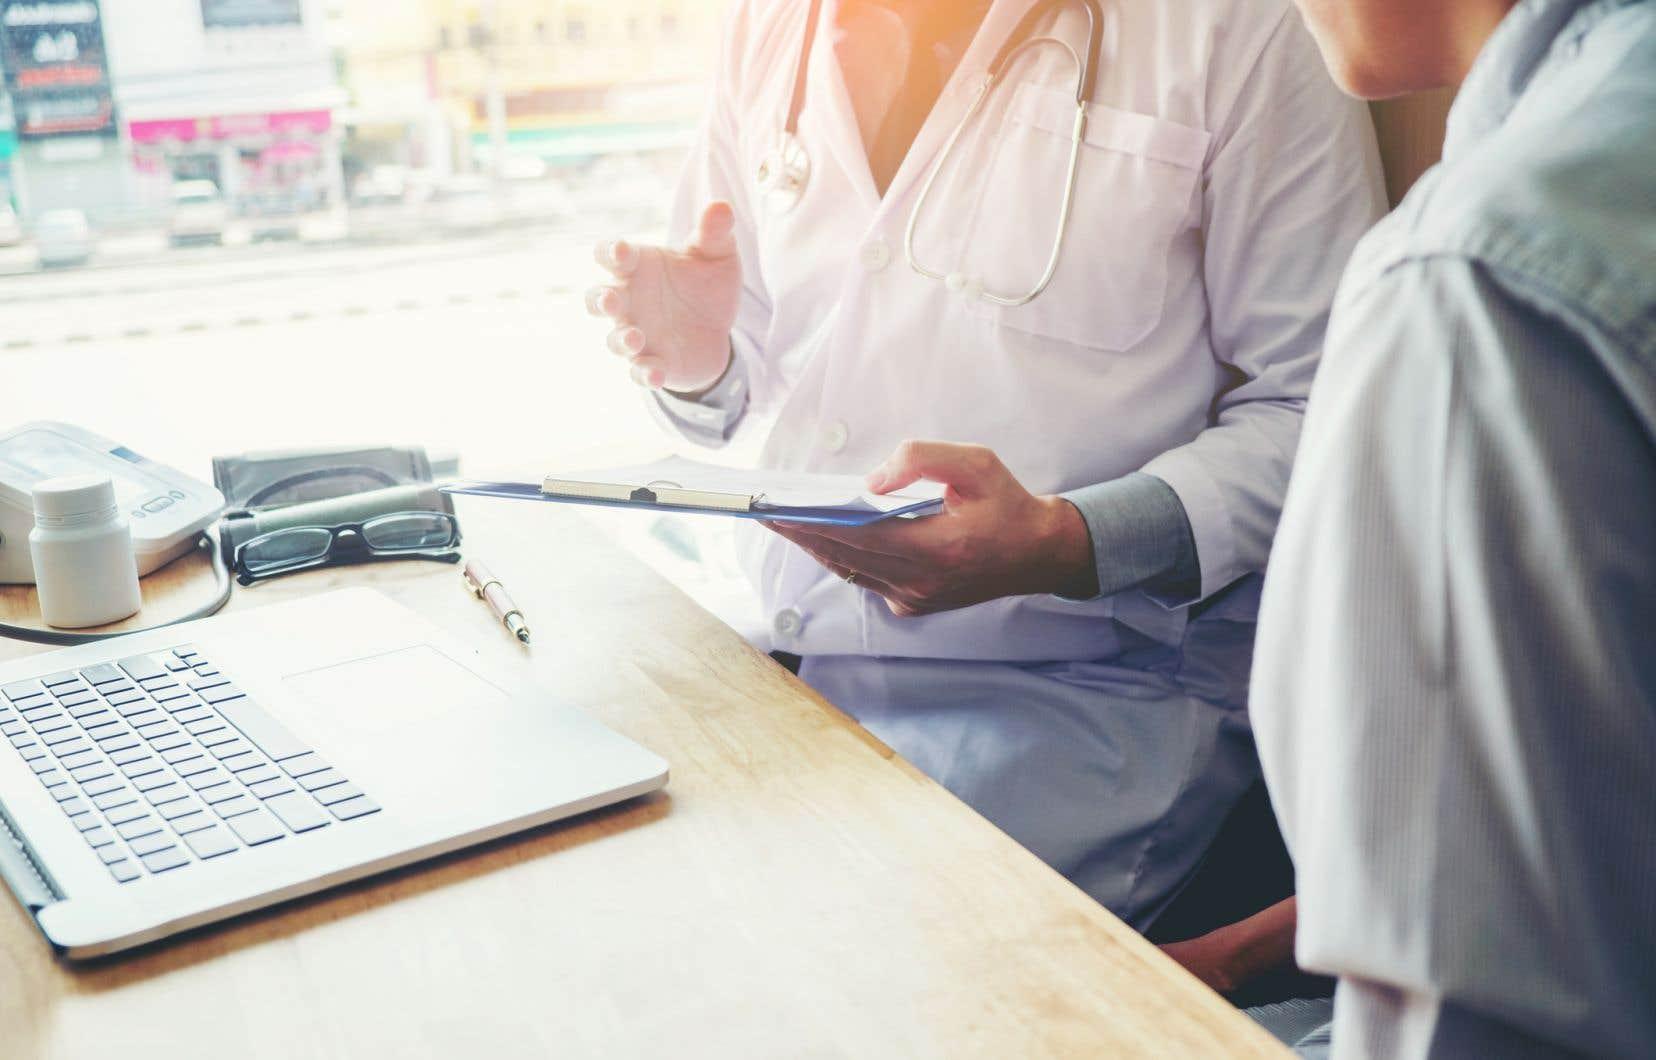 Les propos péjoratifs sur le salaire des médecins se répercutent dans la relation des médecins avec leurs patients, mais également chez l'ensemble du corps médical, touchant même les étudiants en médecine, se désole l'auteur.